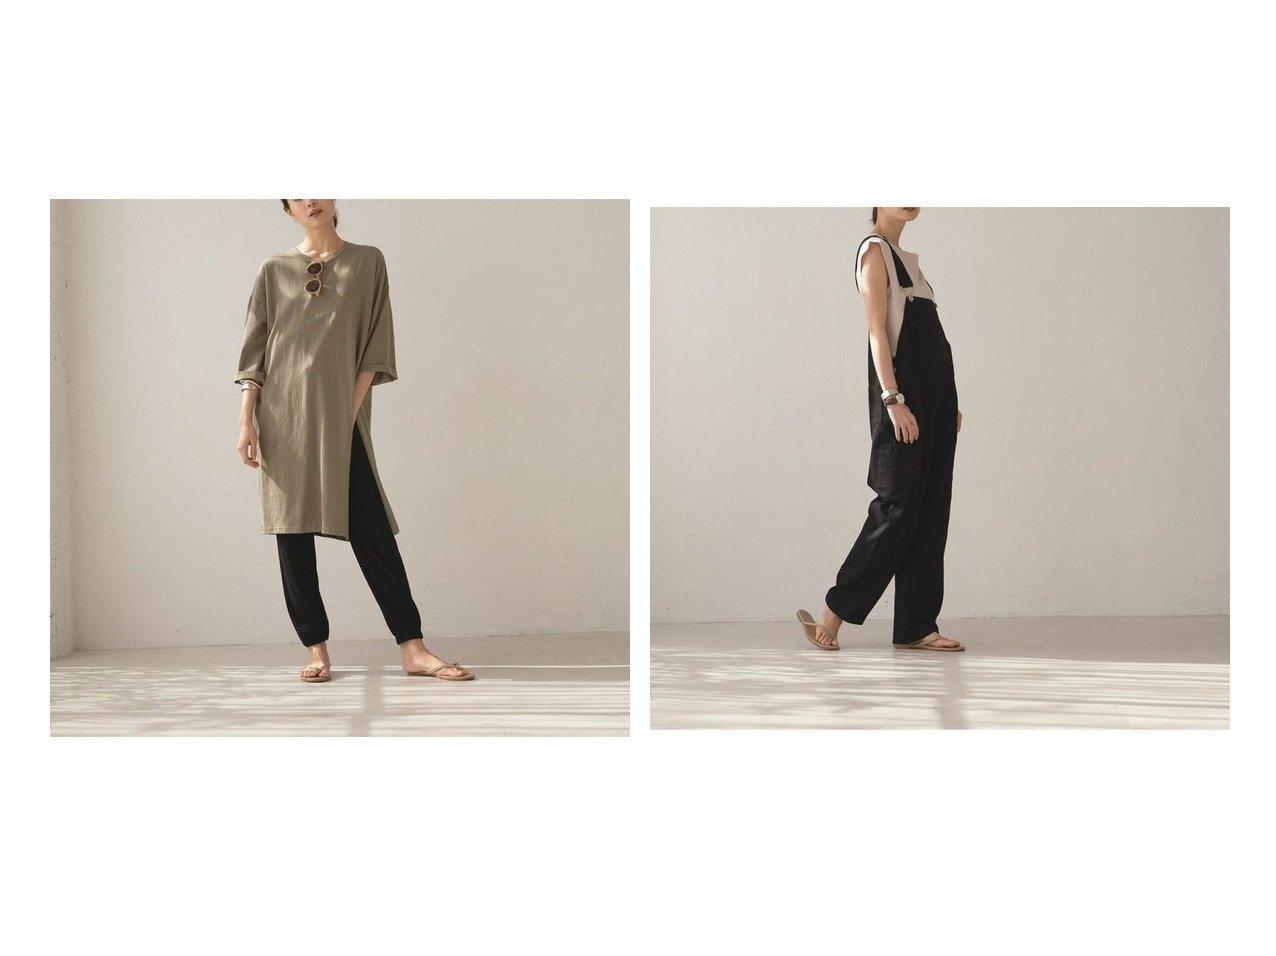 【marjour/マージュール】のツイルサロペット TWILL SALOPETTO&スリットTEEワンピース SLIT TEE ONEPIECE おすすめ!人気、トレンド・レディースファッションの通販 おすすめで人気の流行・トレンド、ファッションの通販商品 メンズファッション・キッズファッション・インテリア・家具・レディースファッション・服の通販 founy(ファニー) https://founy.com/ ファッション Fashion レディースファッション WOMEN ワンピース Dress サロペット Salopette おすすめ Recommend アンクル スリット ボトム ワイド サロペット ストレッチ ツイル ノースリーブ フリル ボーダー ラップ |ID:crp329100000037032